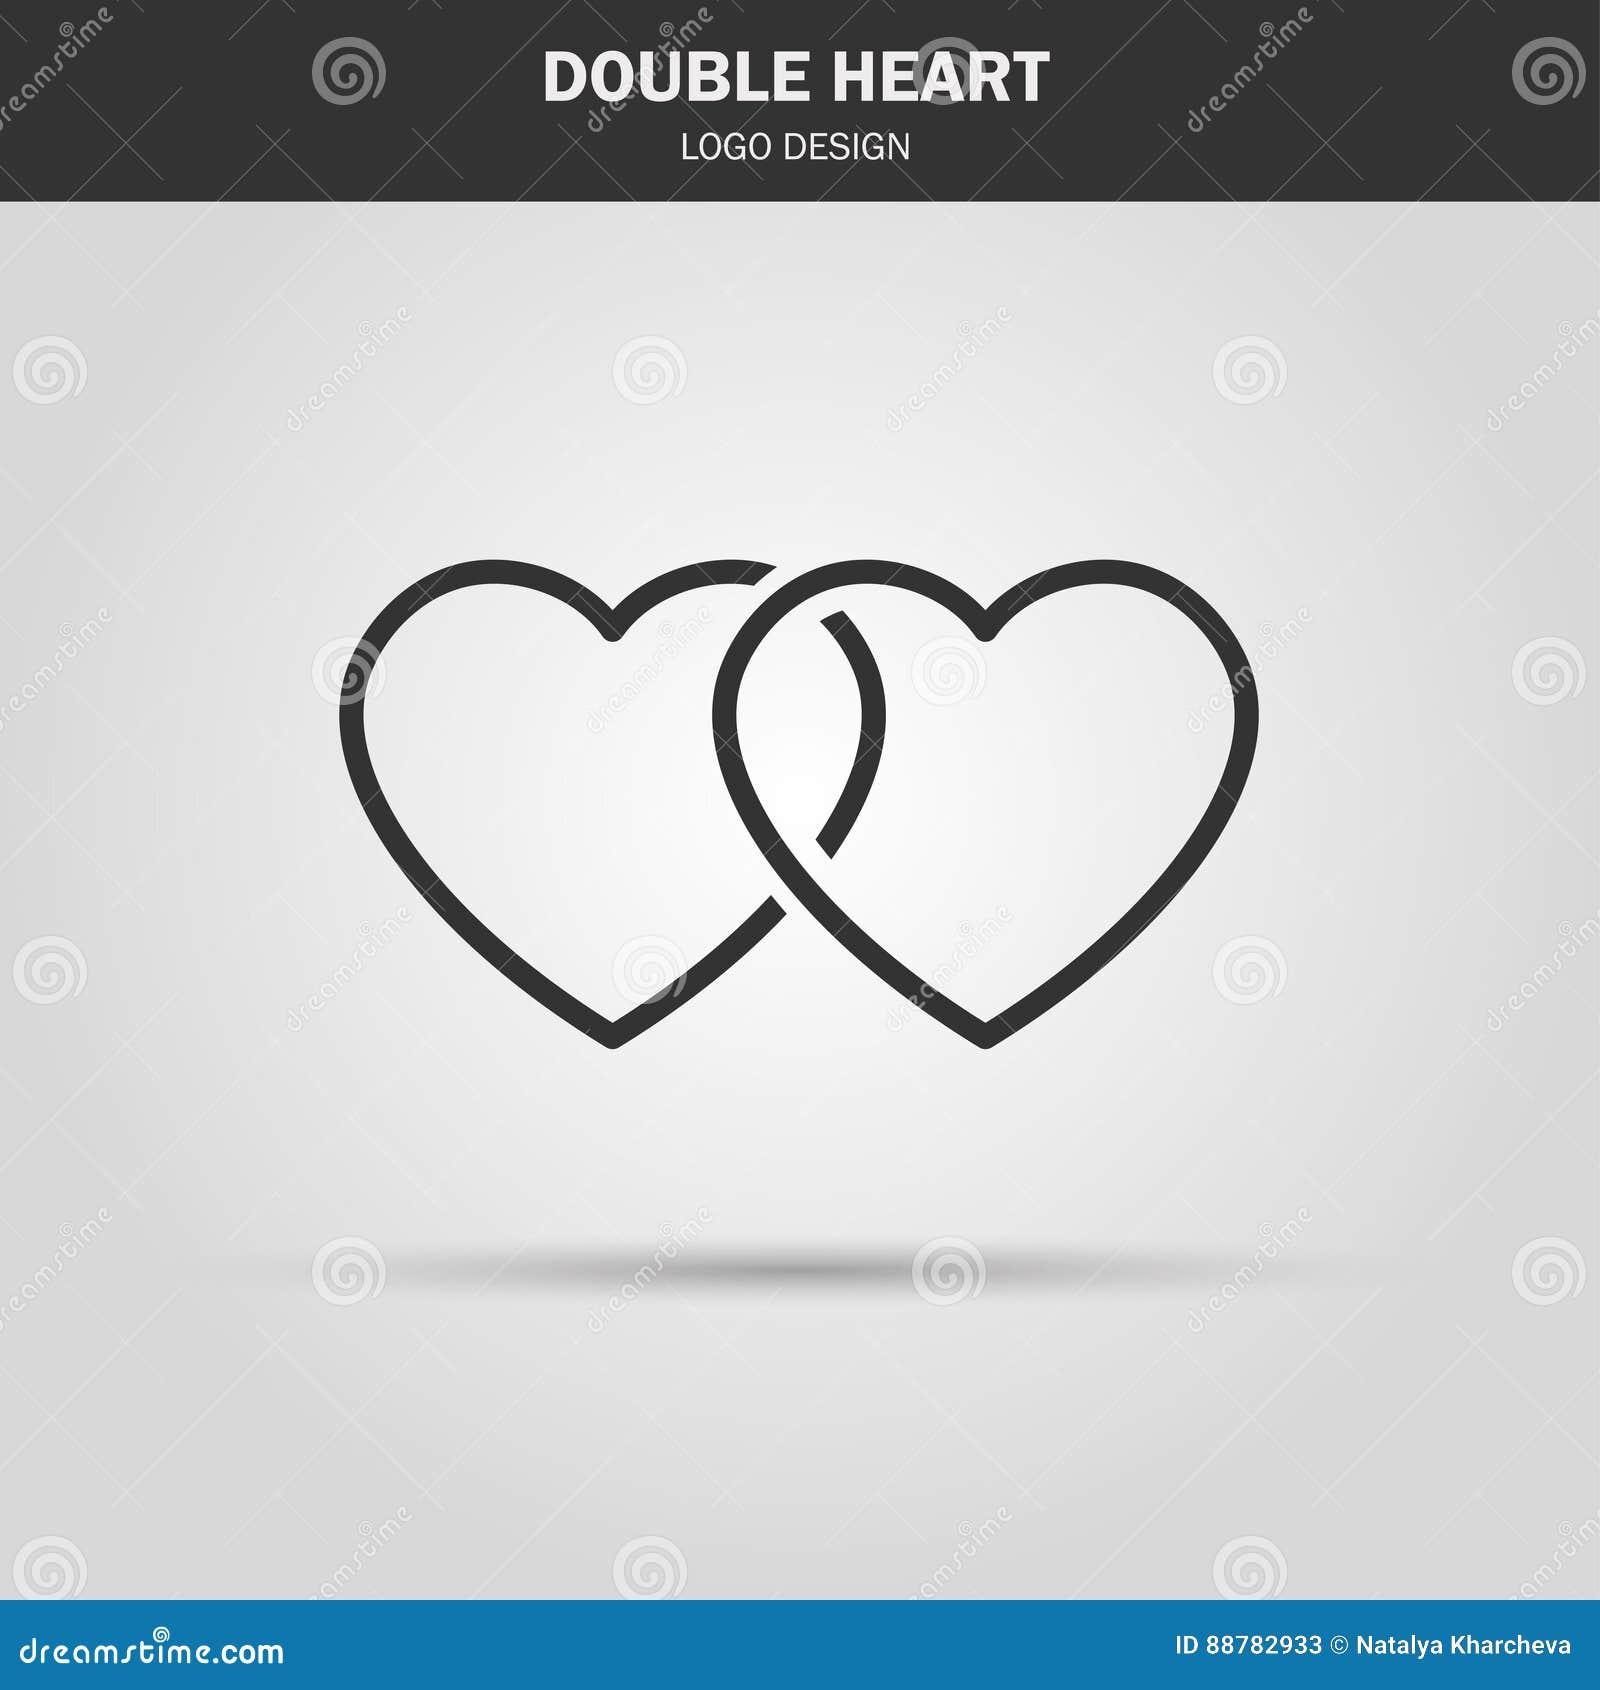 Thin Line Icon Double Heart Logo Love Symbol Use In Decoratio